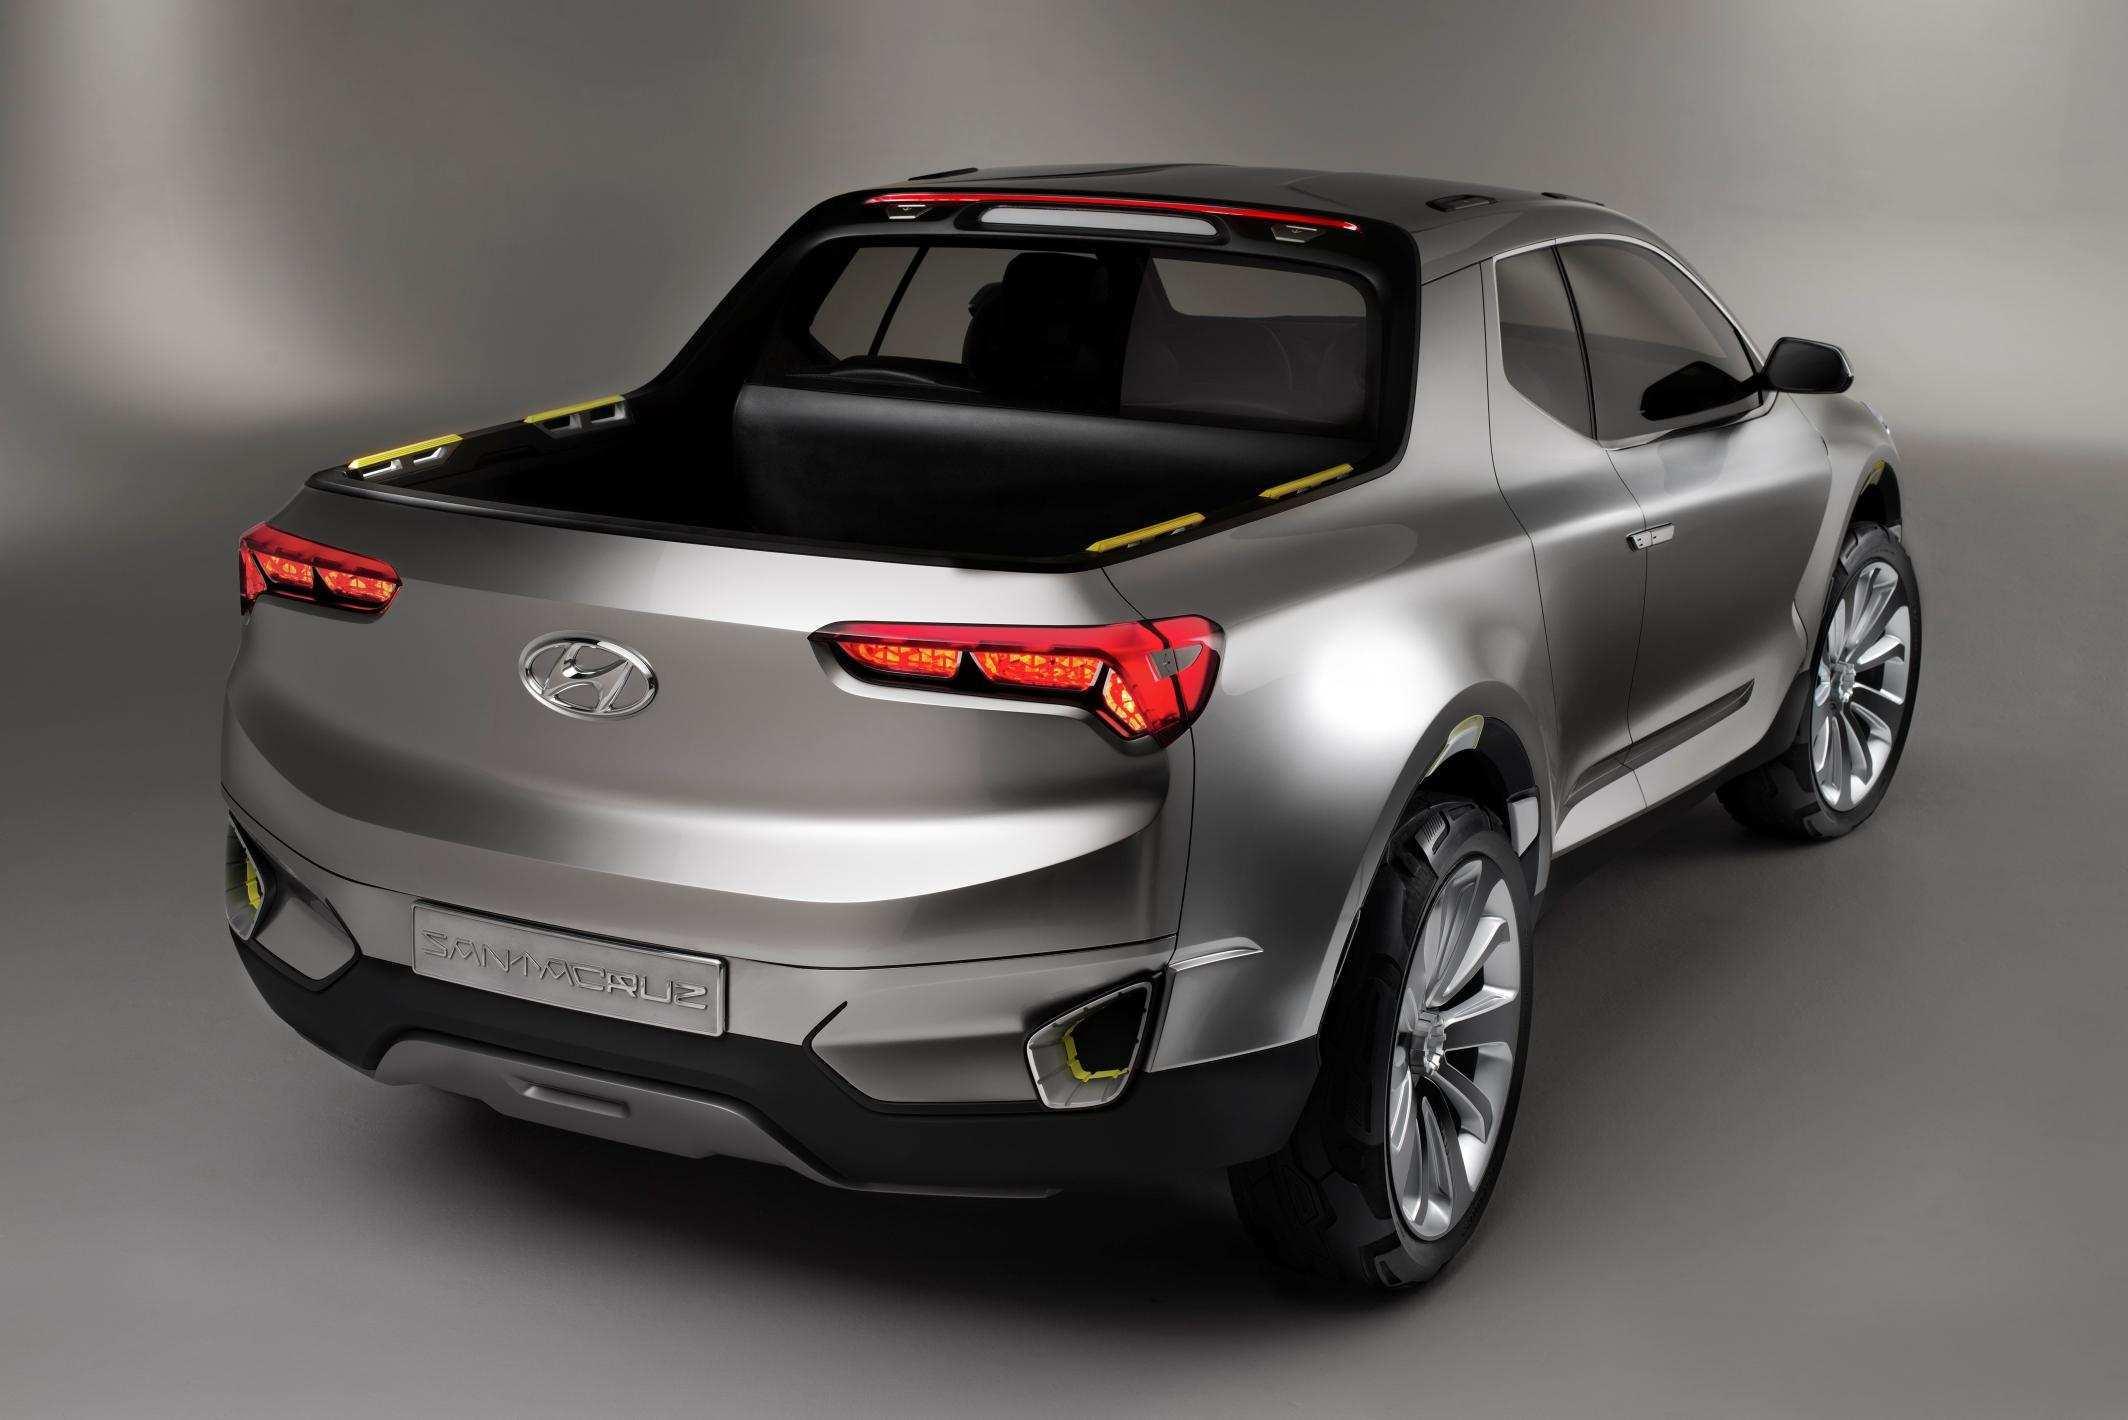 89 Gallery of Hyundai Pickup 2020 New Concept by Hyundai Pickup 2020